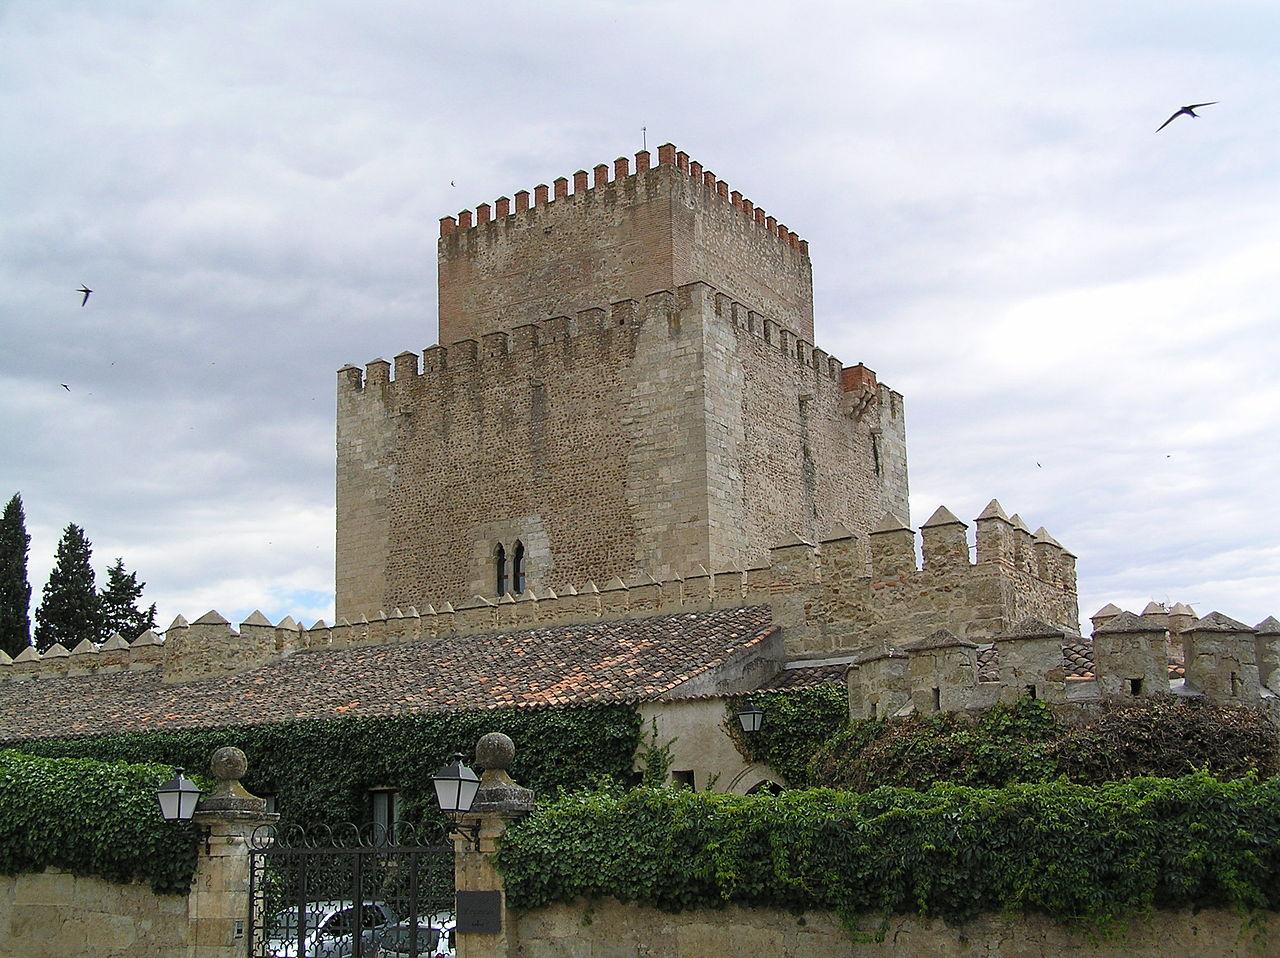 Vista del castillo de Enrique II